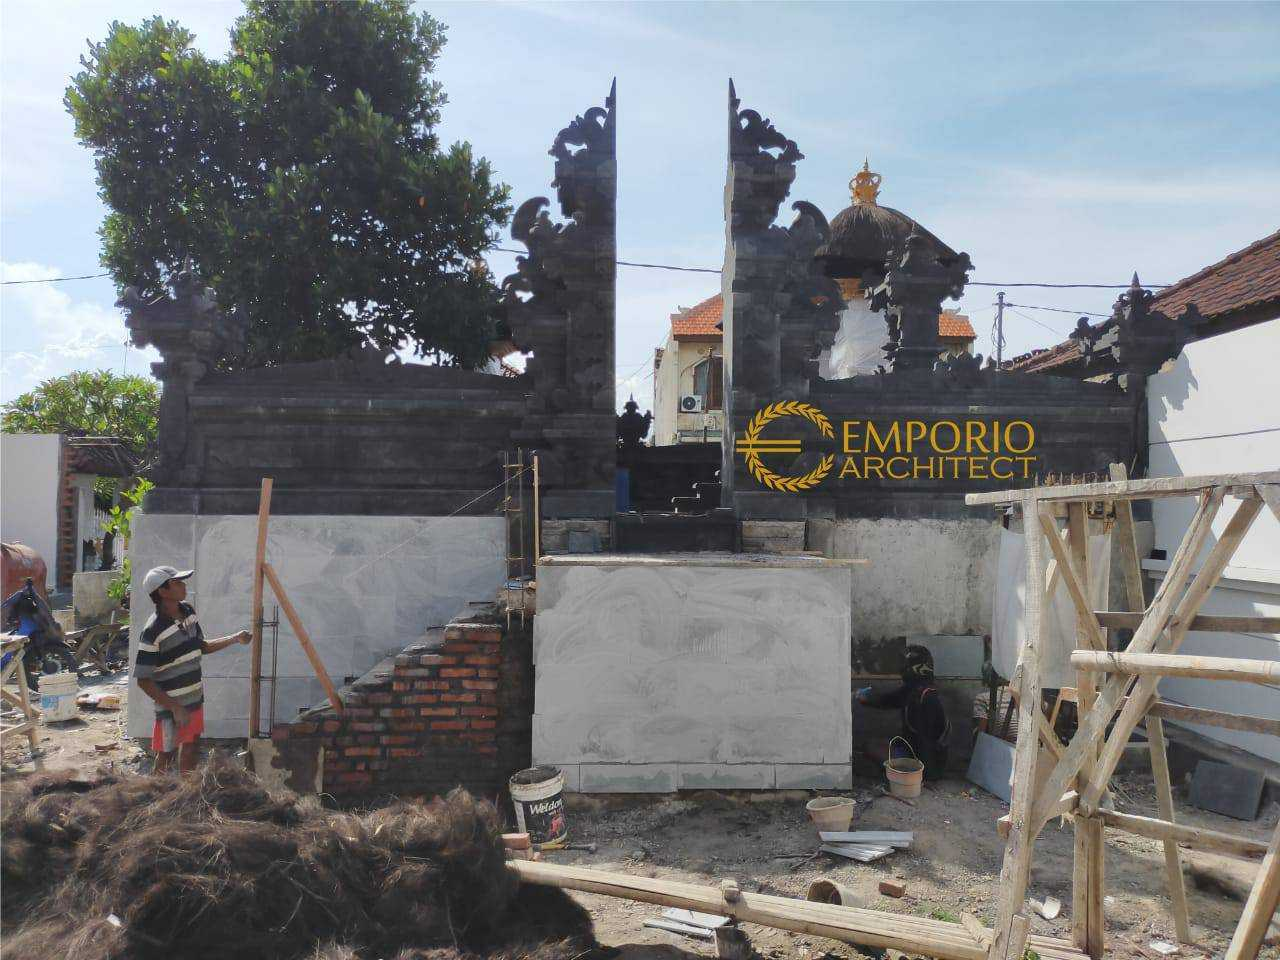 Emporio Architect Jasa Arsitek Denpasar Progress Pembangunan Rumah Villa Bali Tropis 216 @ Denpasar, Bali Kota Denpasar, Bali, Indonesia Kota Denpasar, Bali, Indonesia Emporio-Architect-Jasa-Arsitek-Denpasar-Progress-Pembangunan-Rumah-Villa-Bali-Tropis-216-Denpasar-Bali  91137